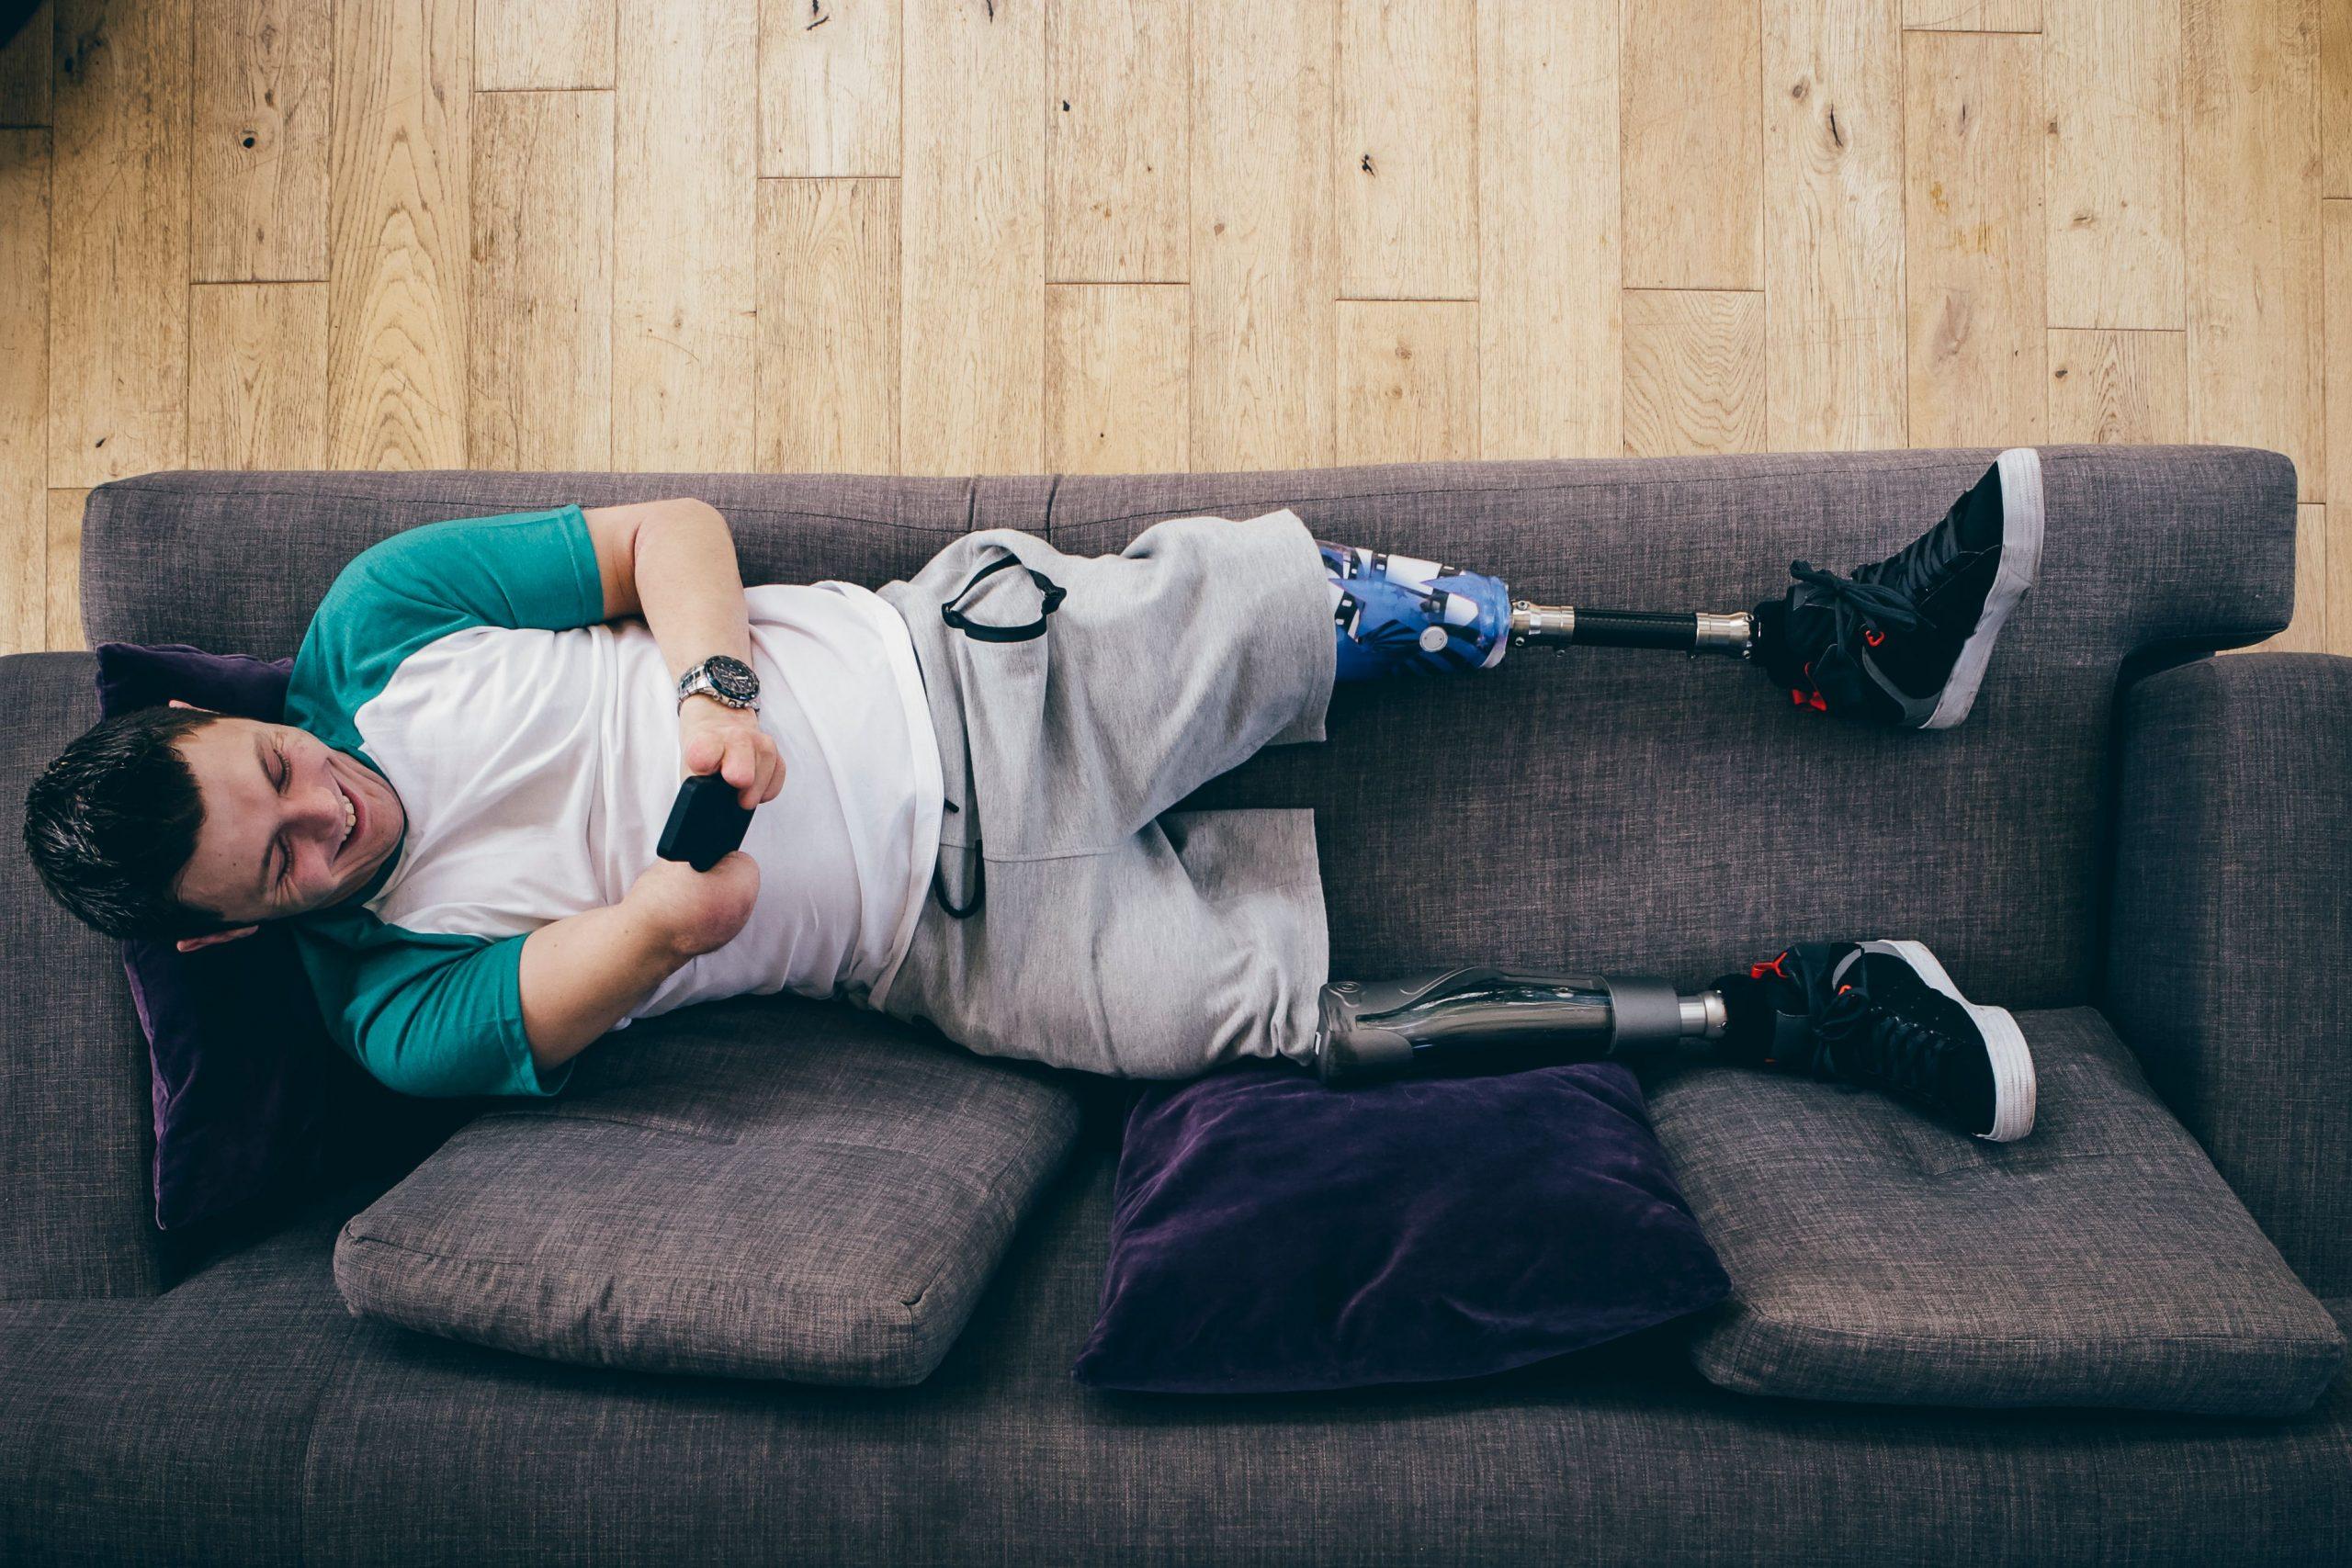 Foto de um rapaz deitado num sofá, sorrindo, mexendo no celular. Ele tem cabelos curtos e castanhos, está de camiseta branca e azul, e bermudas de moletom cinza. Ele usa próteses trans-femurais nas pernas direita e esquerda. O braço direito é amputado abaixo do cotovelo, assim como os dedos da mão esquerda, a partir das falanges médias.